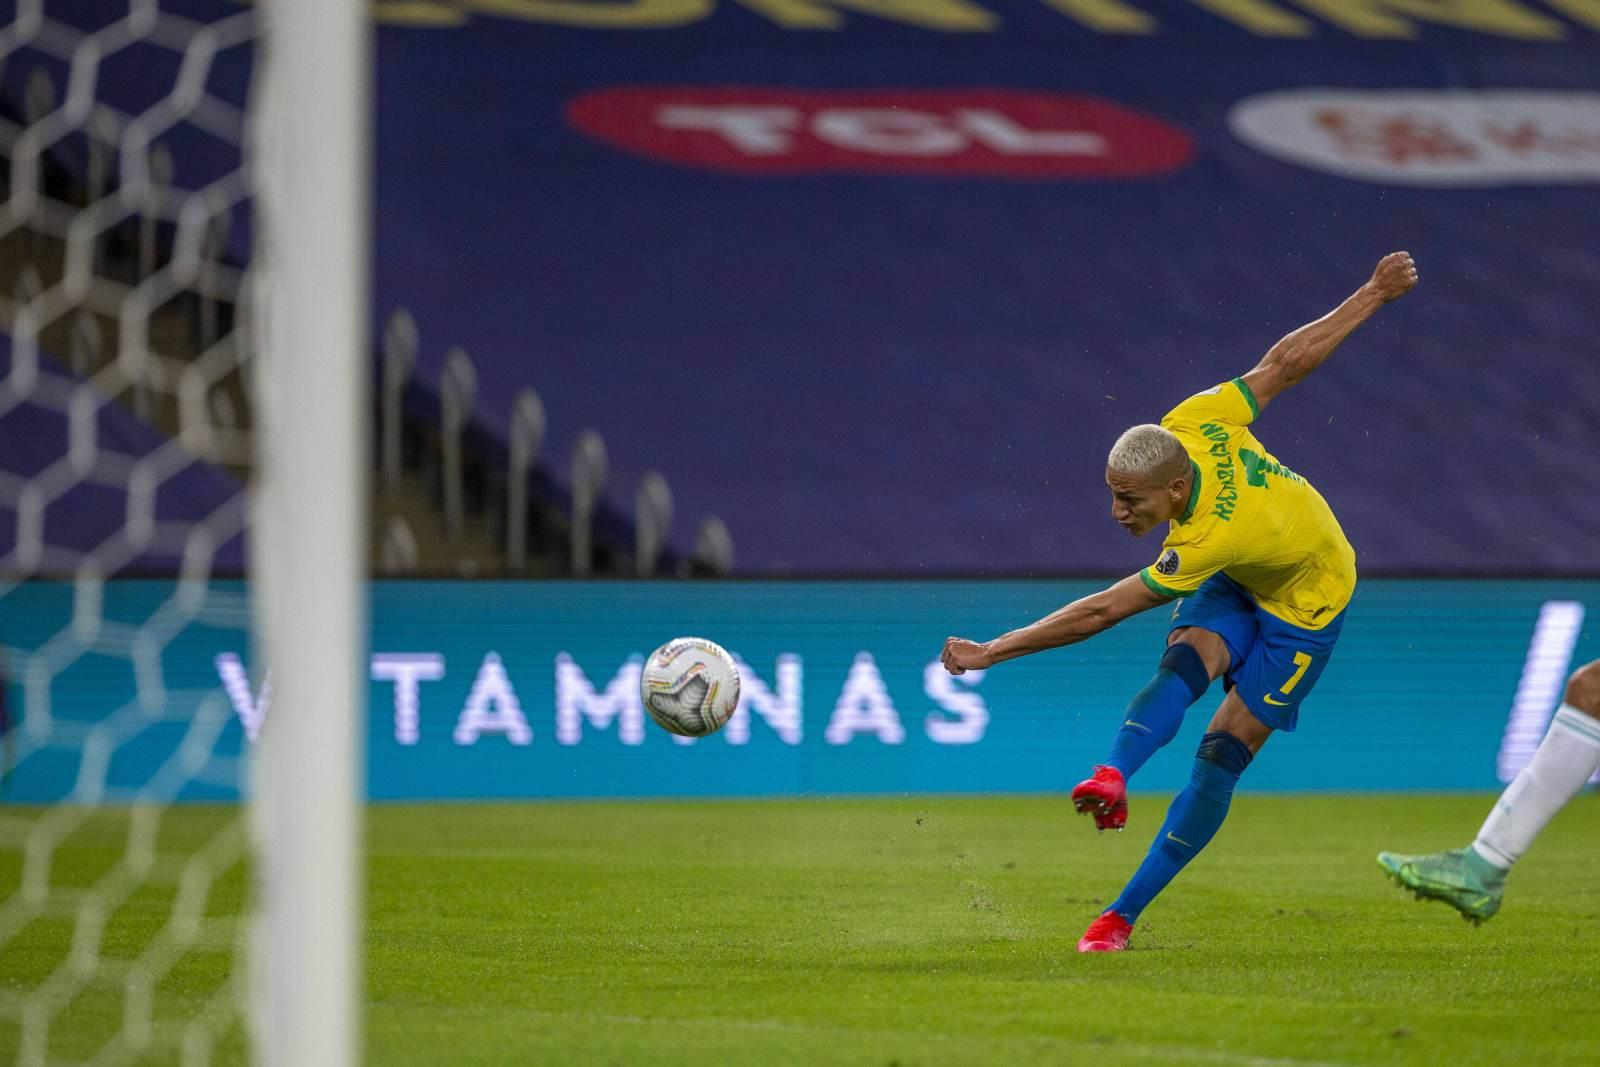 Сборная Бразилии стартовала с победы на Олимпиаде - видео